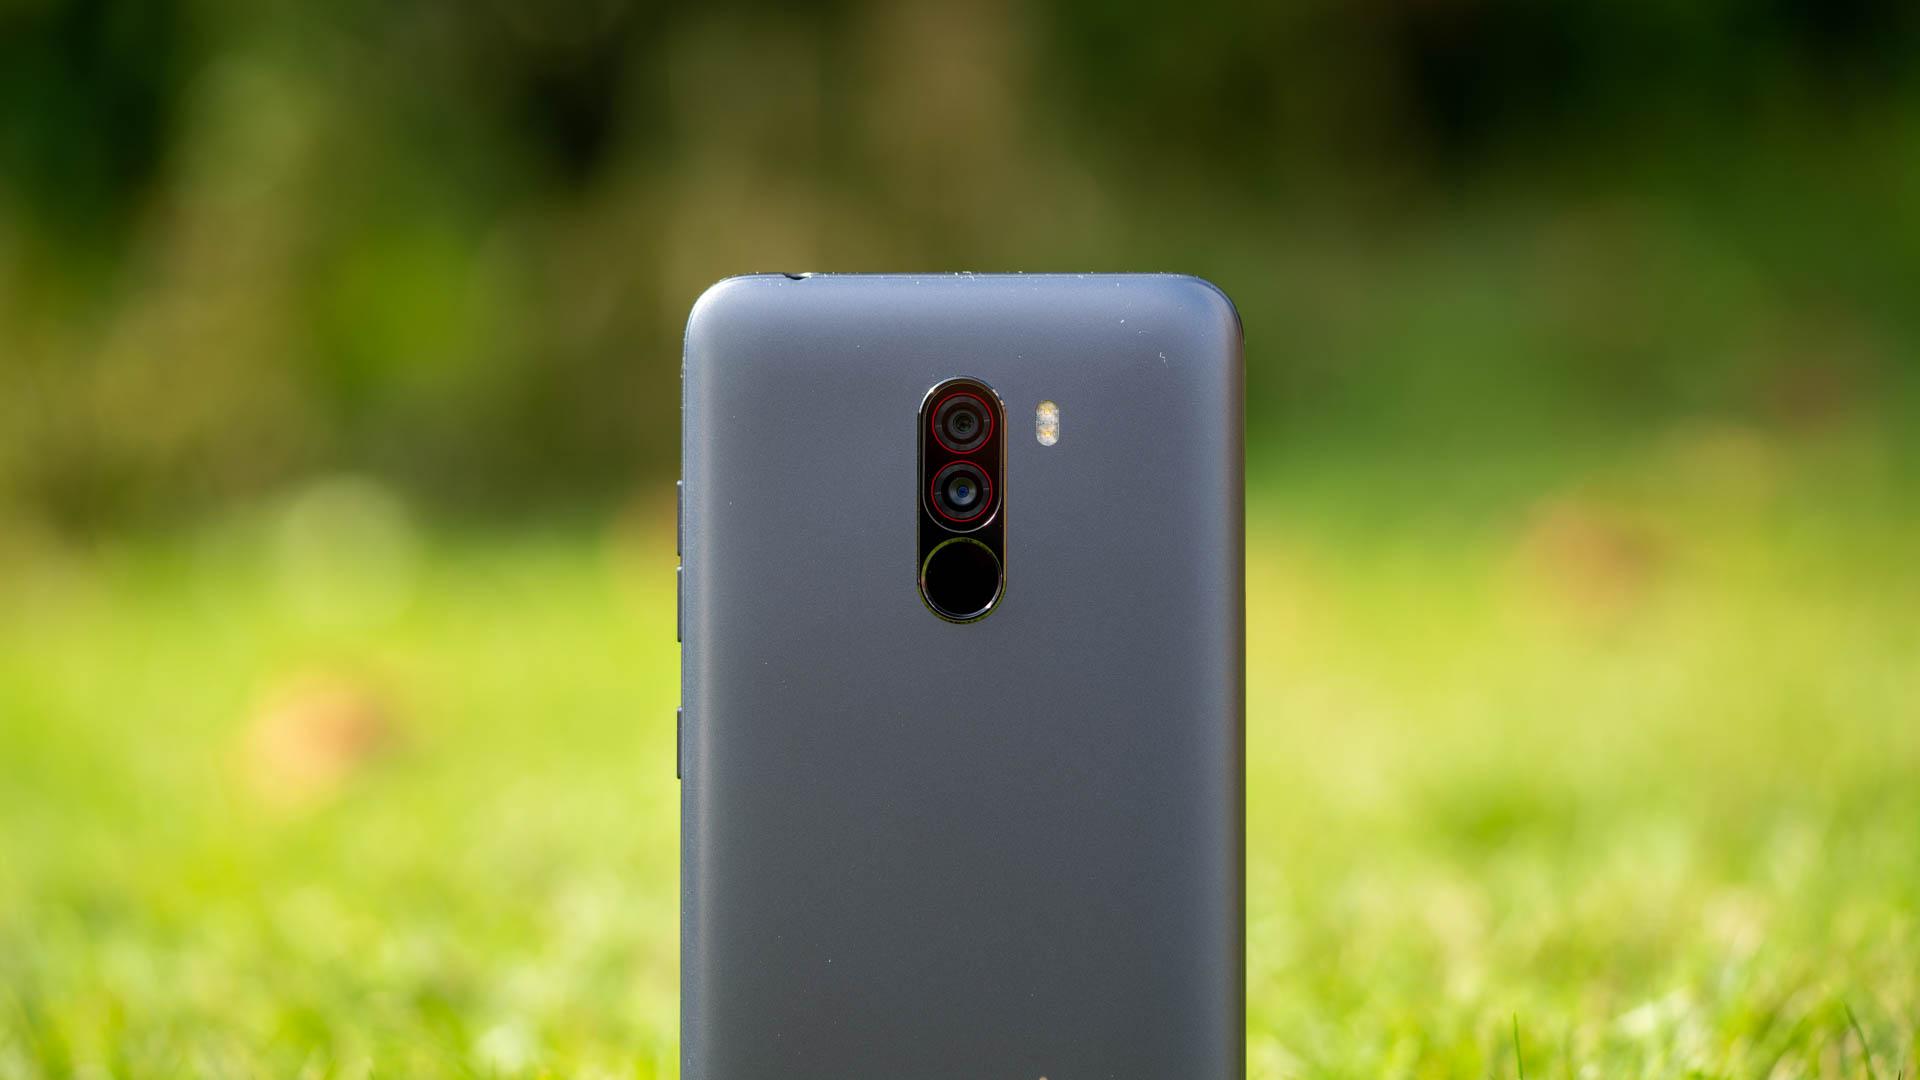 Das Xiaomi Pocophone F1 Im Test Preis Leistungs Strkste By 6gb 64gb Smartphone 2018 329 Fr Einen Snapdragon 845 Ram Und Eine Gute Kamera Techtest